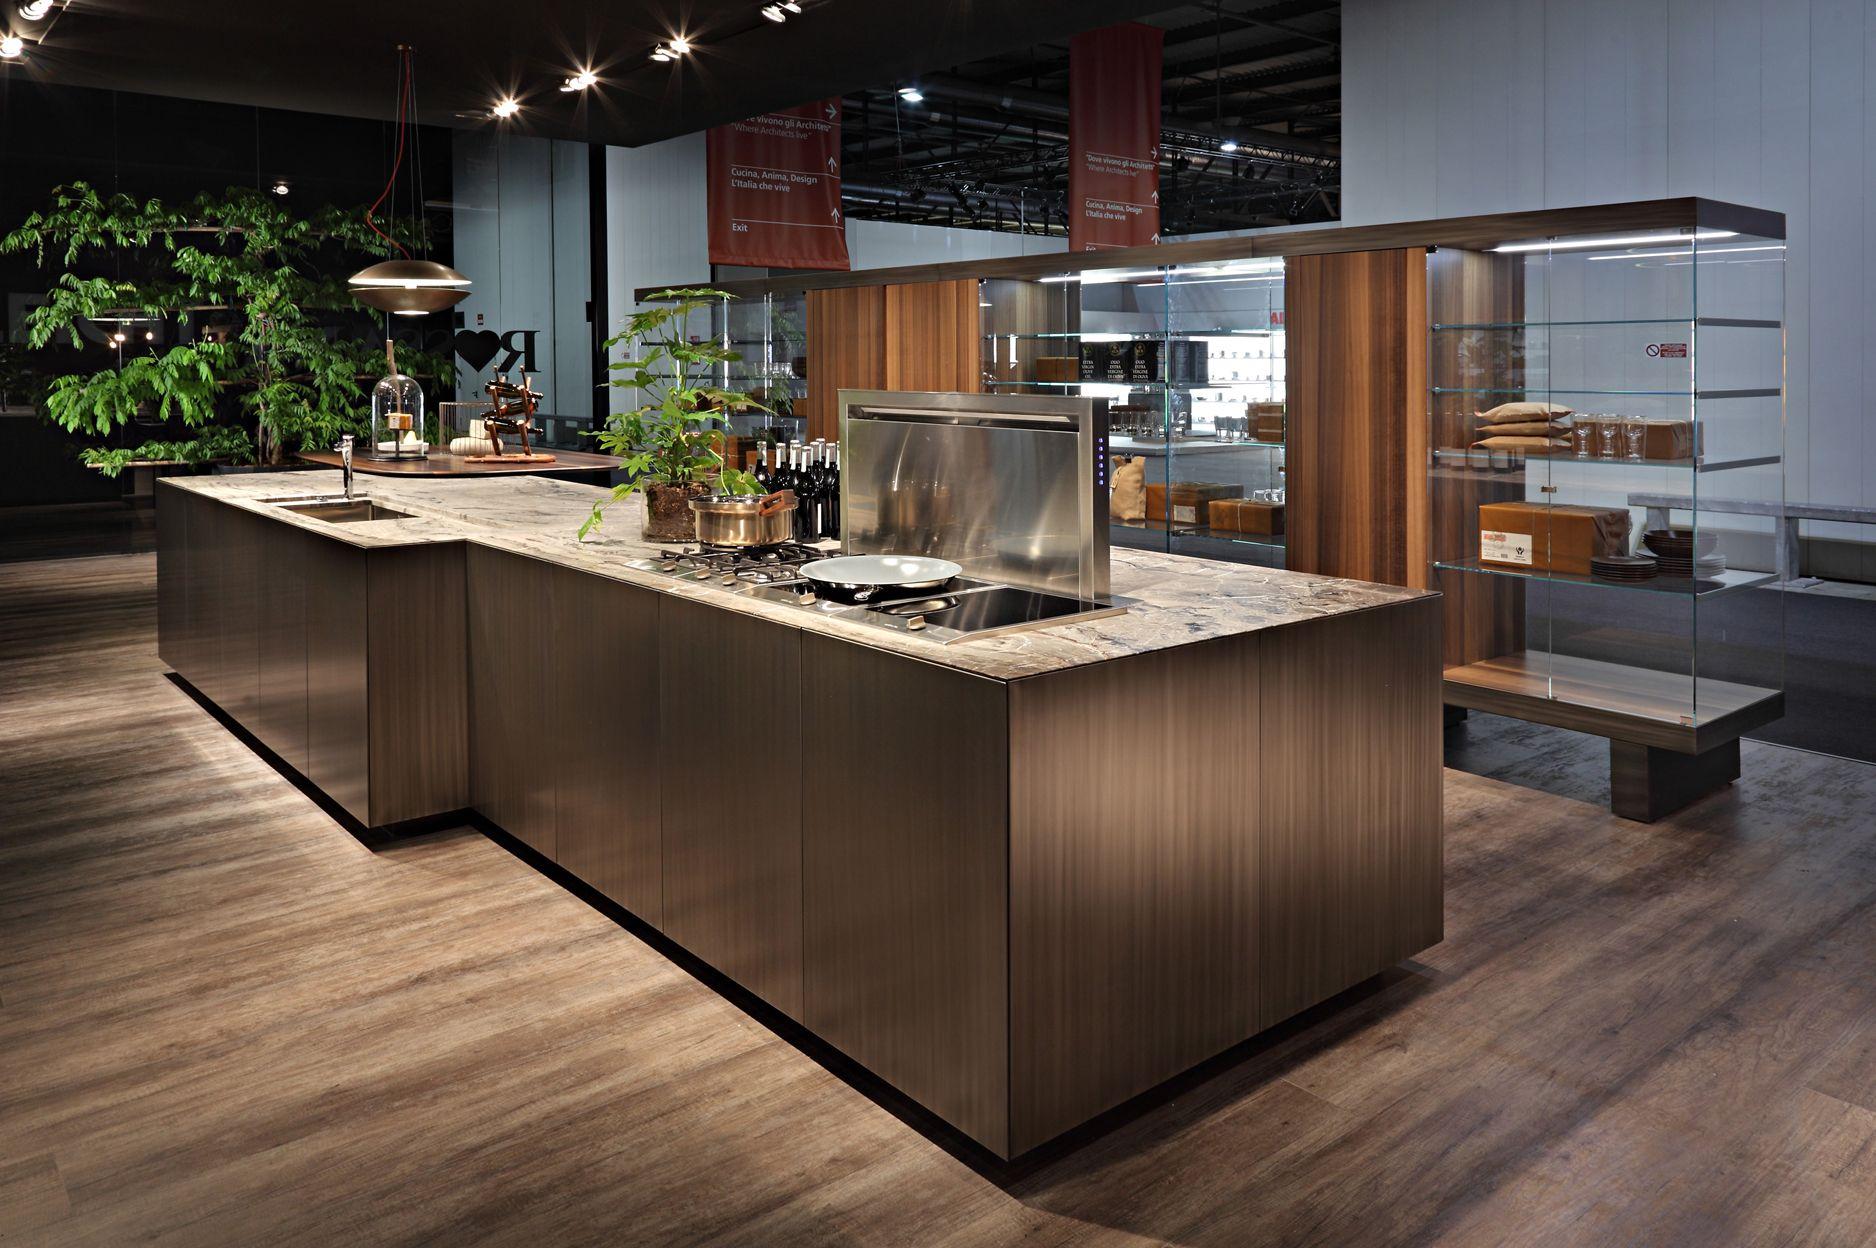 European Kitchen Brands Vista Interna Rossana Cucine Rossana Cucine Pinterest